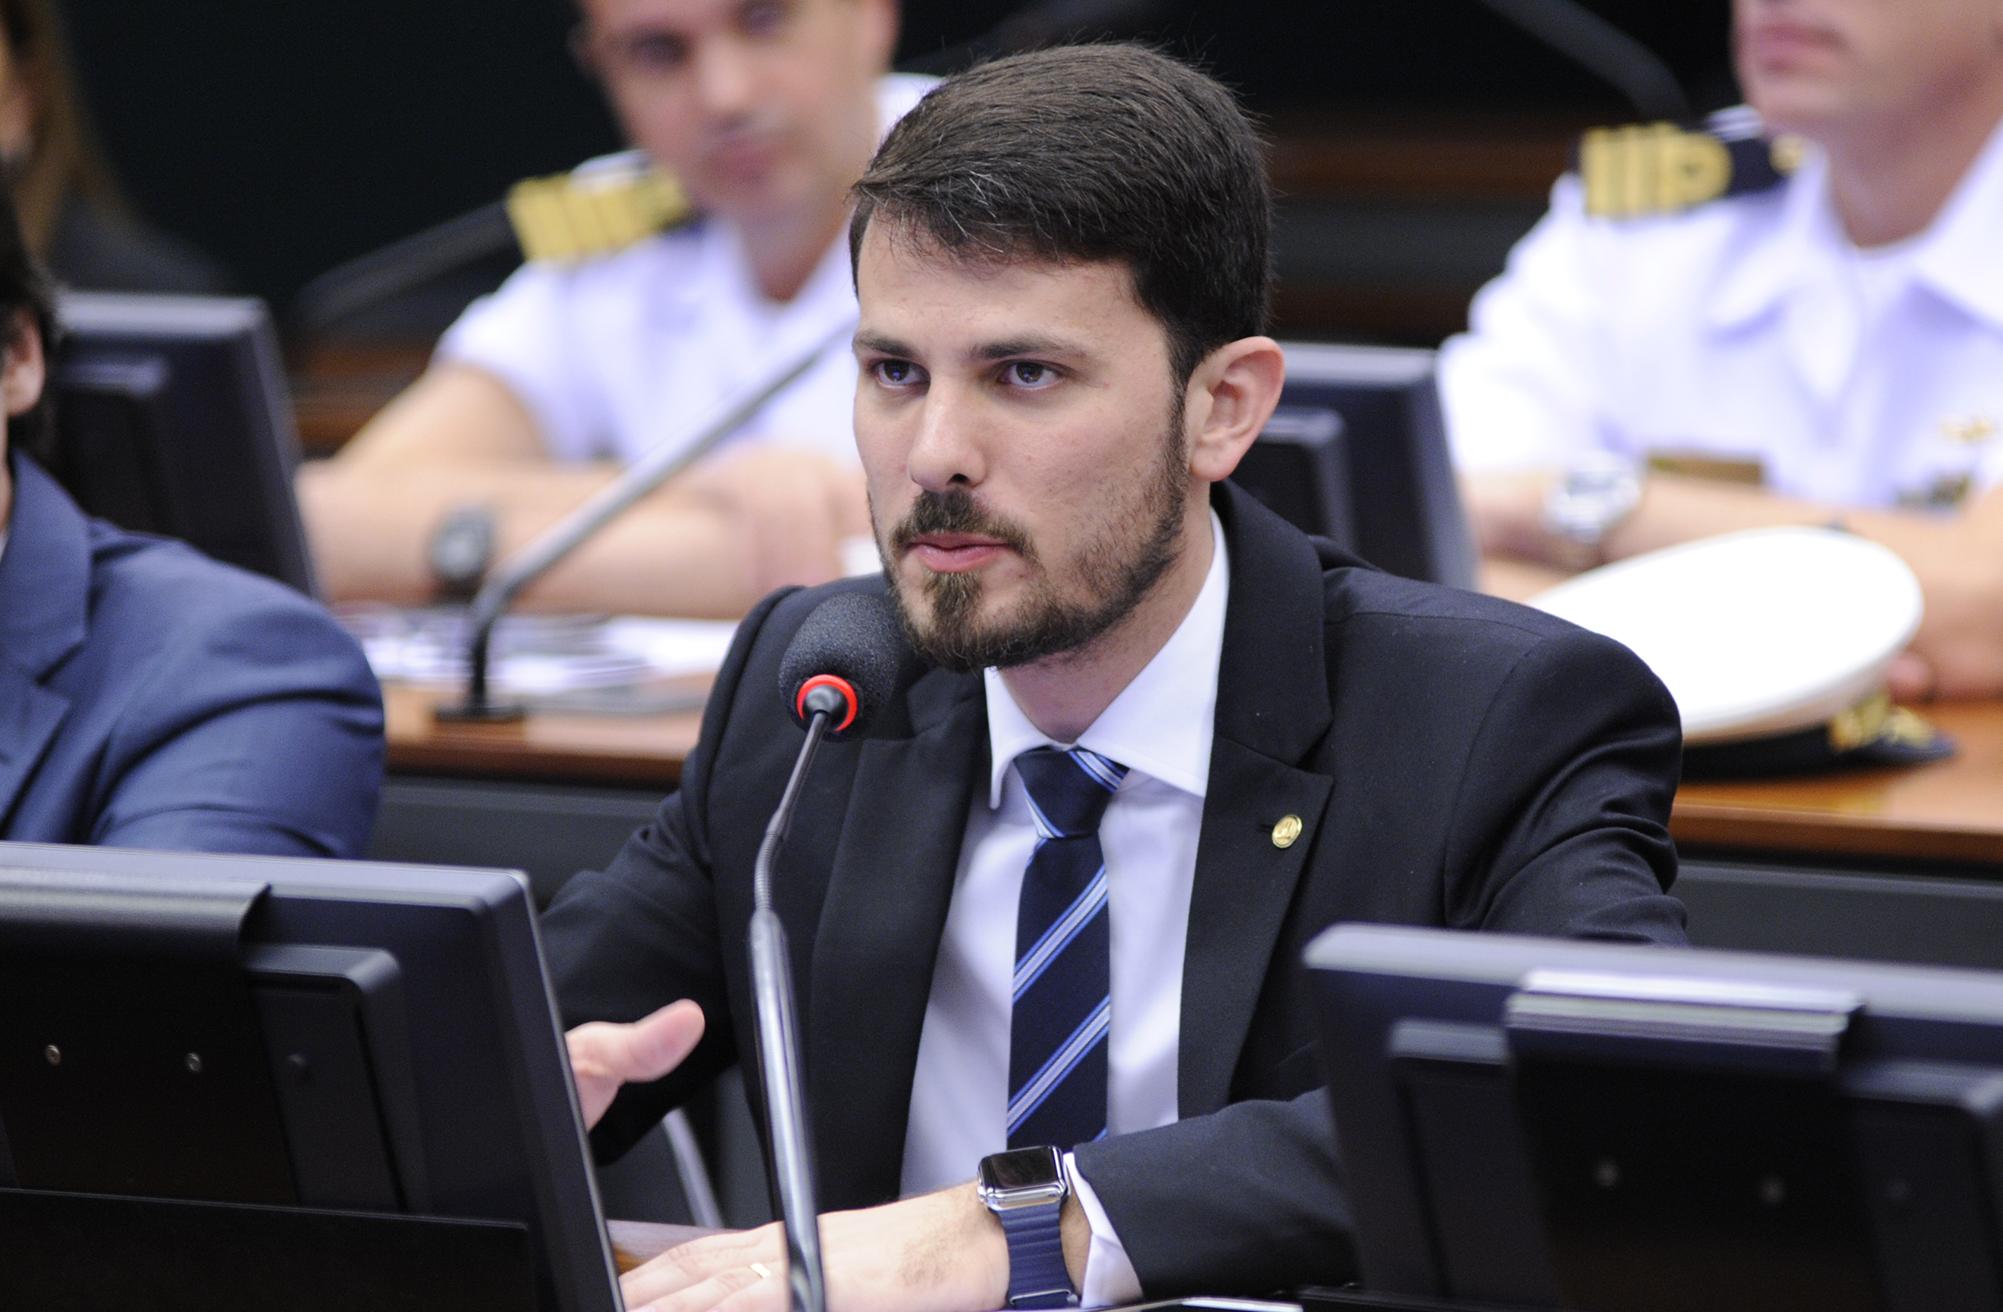 Audiência pública para apresentação do Programa Nuclear Brasileiro. Dep. Marcelo Aro (PHS-MG)